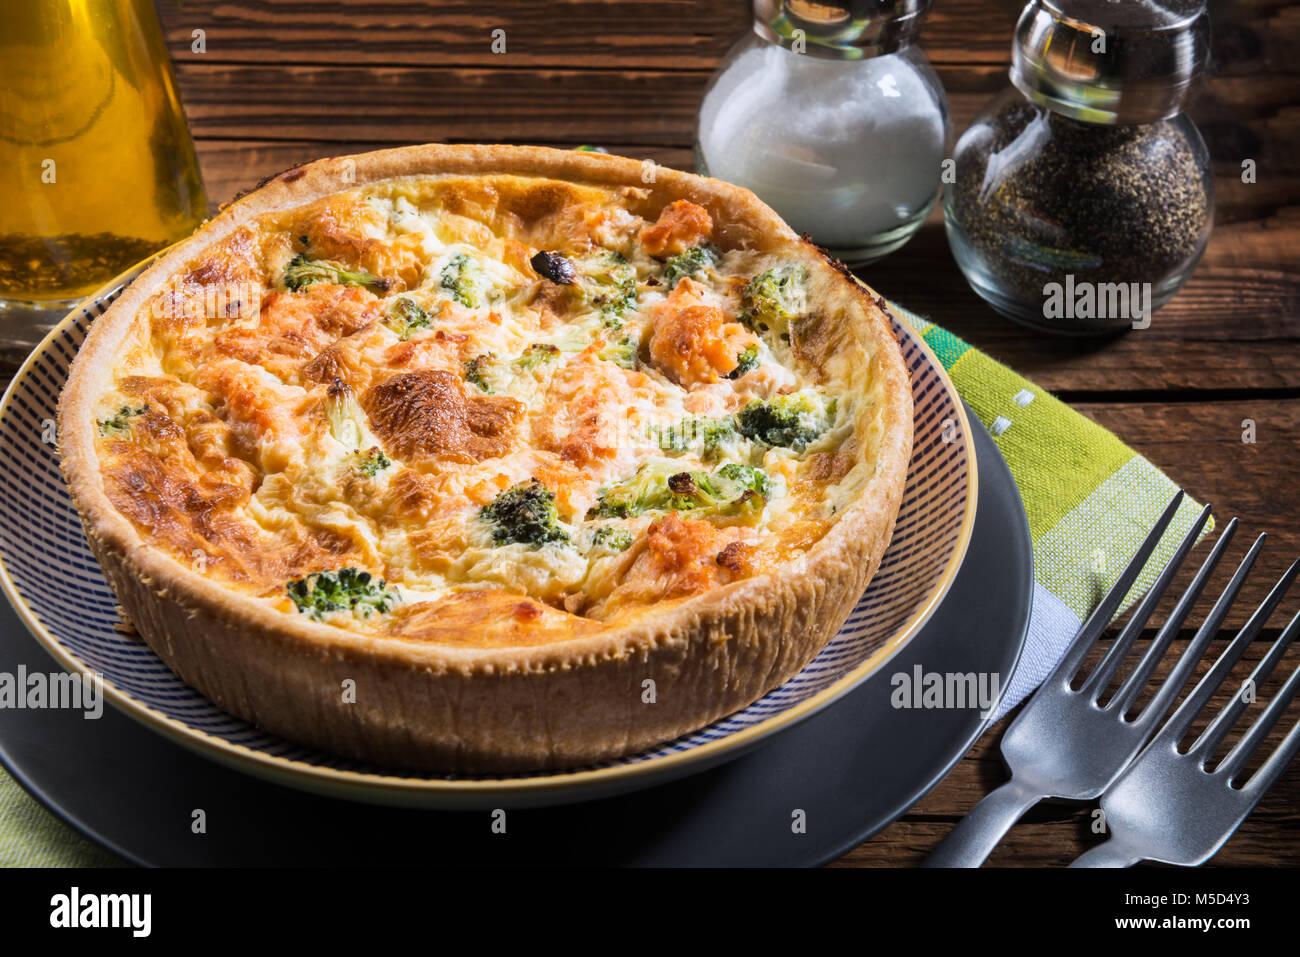 Clásico y brócoli salmón quiche hechas de pasta con floretes de brócoli y salmón ahumado Imagen De Stock